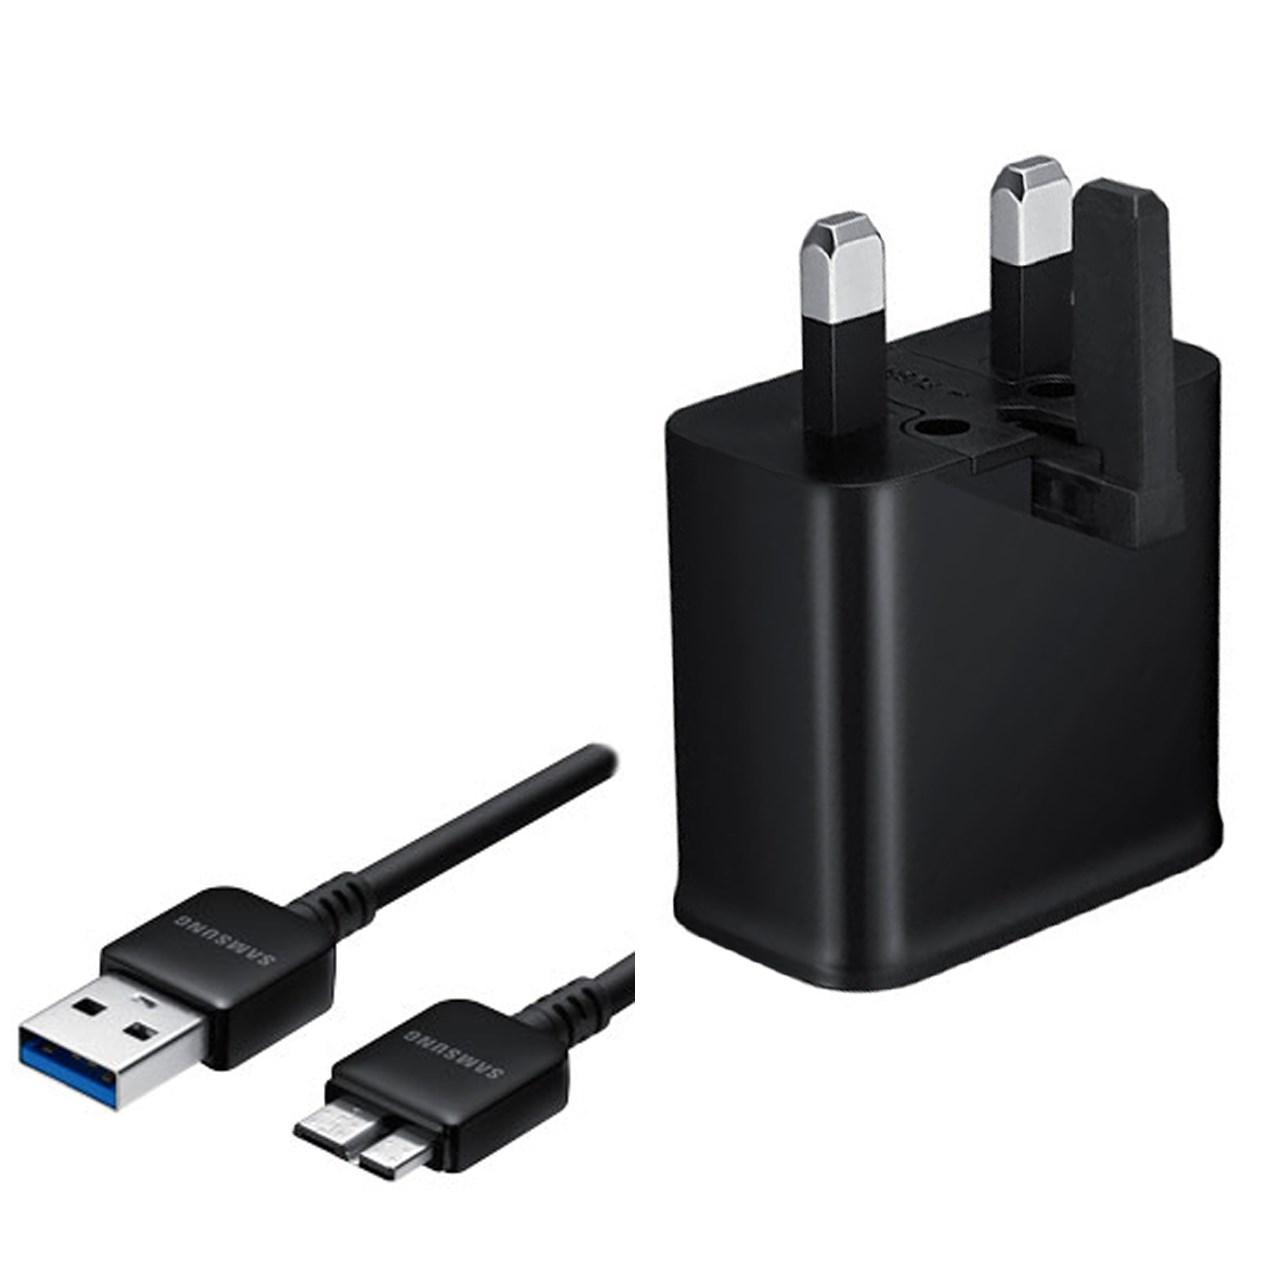 شارژر دیواری سامسونگ مدل EP-TA12UBE همراه با کابل USB Micro-B